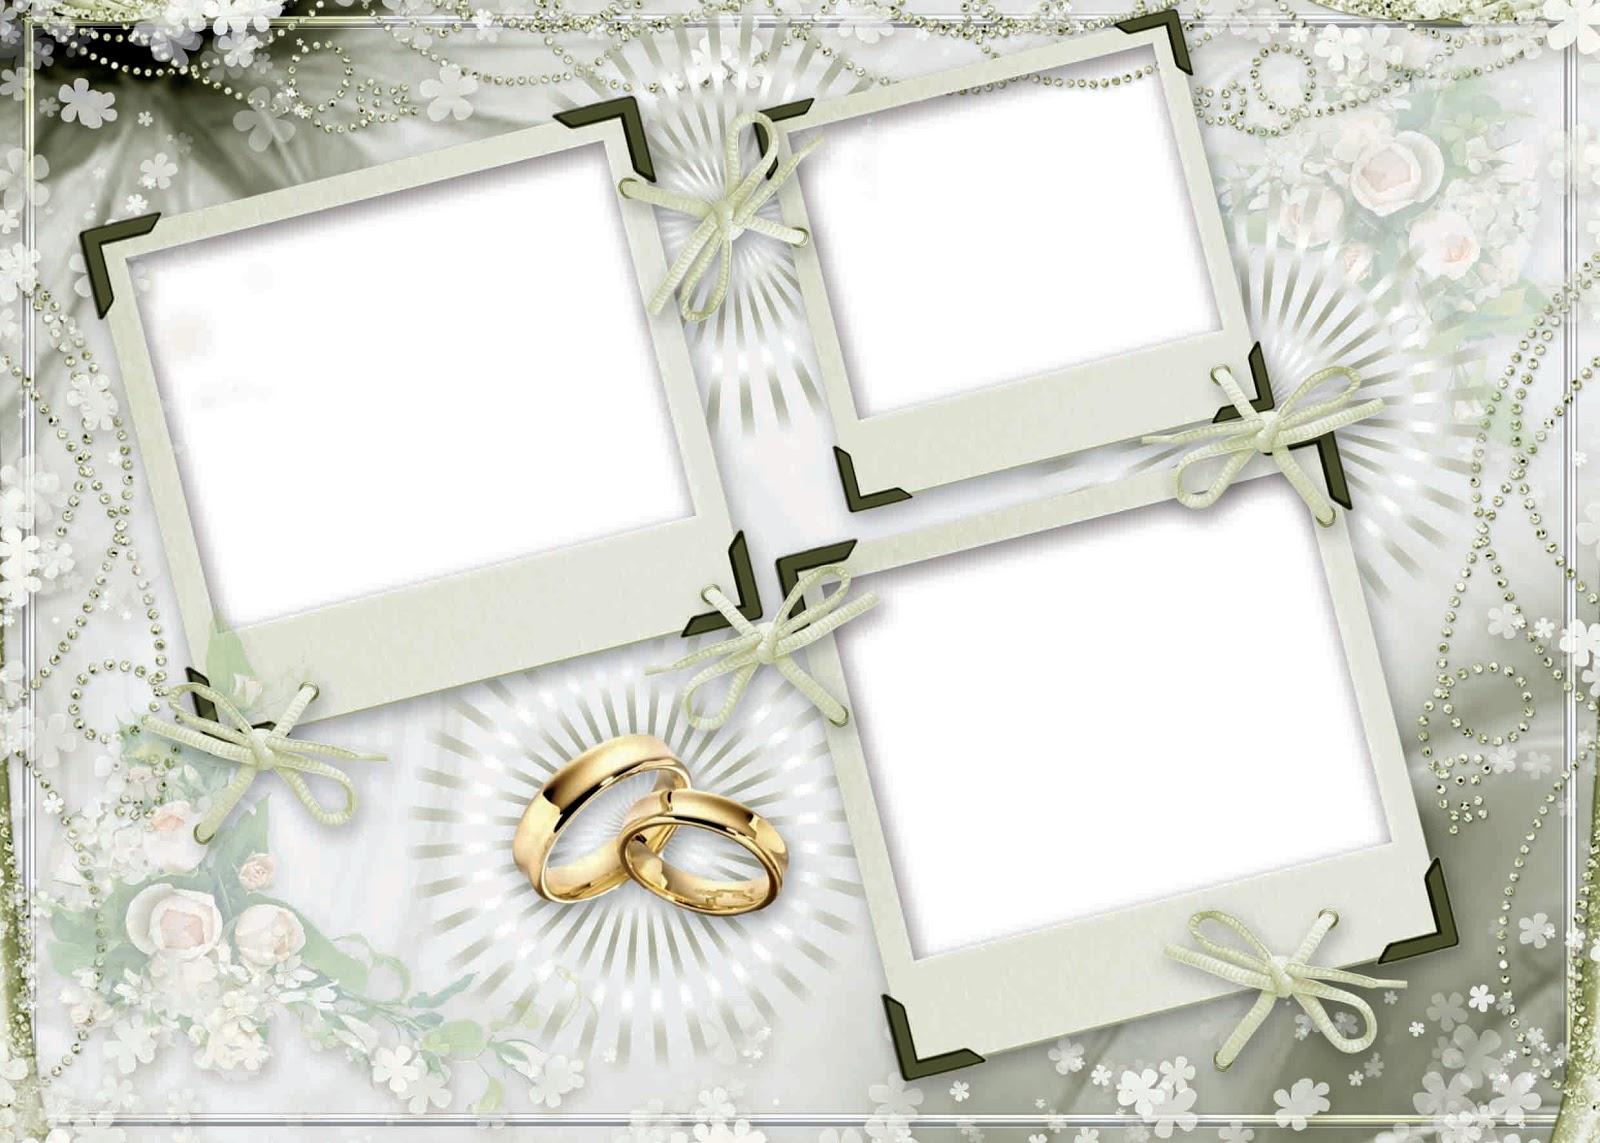 16 3D Frames Psd Images